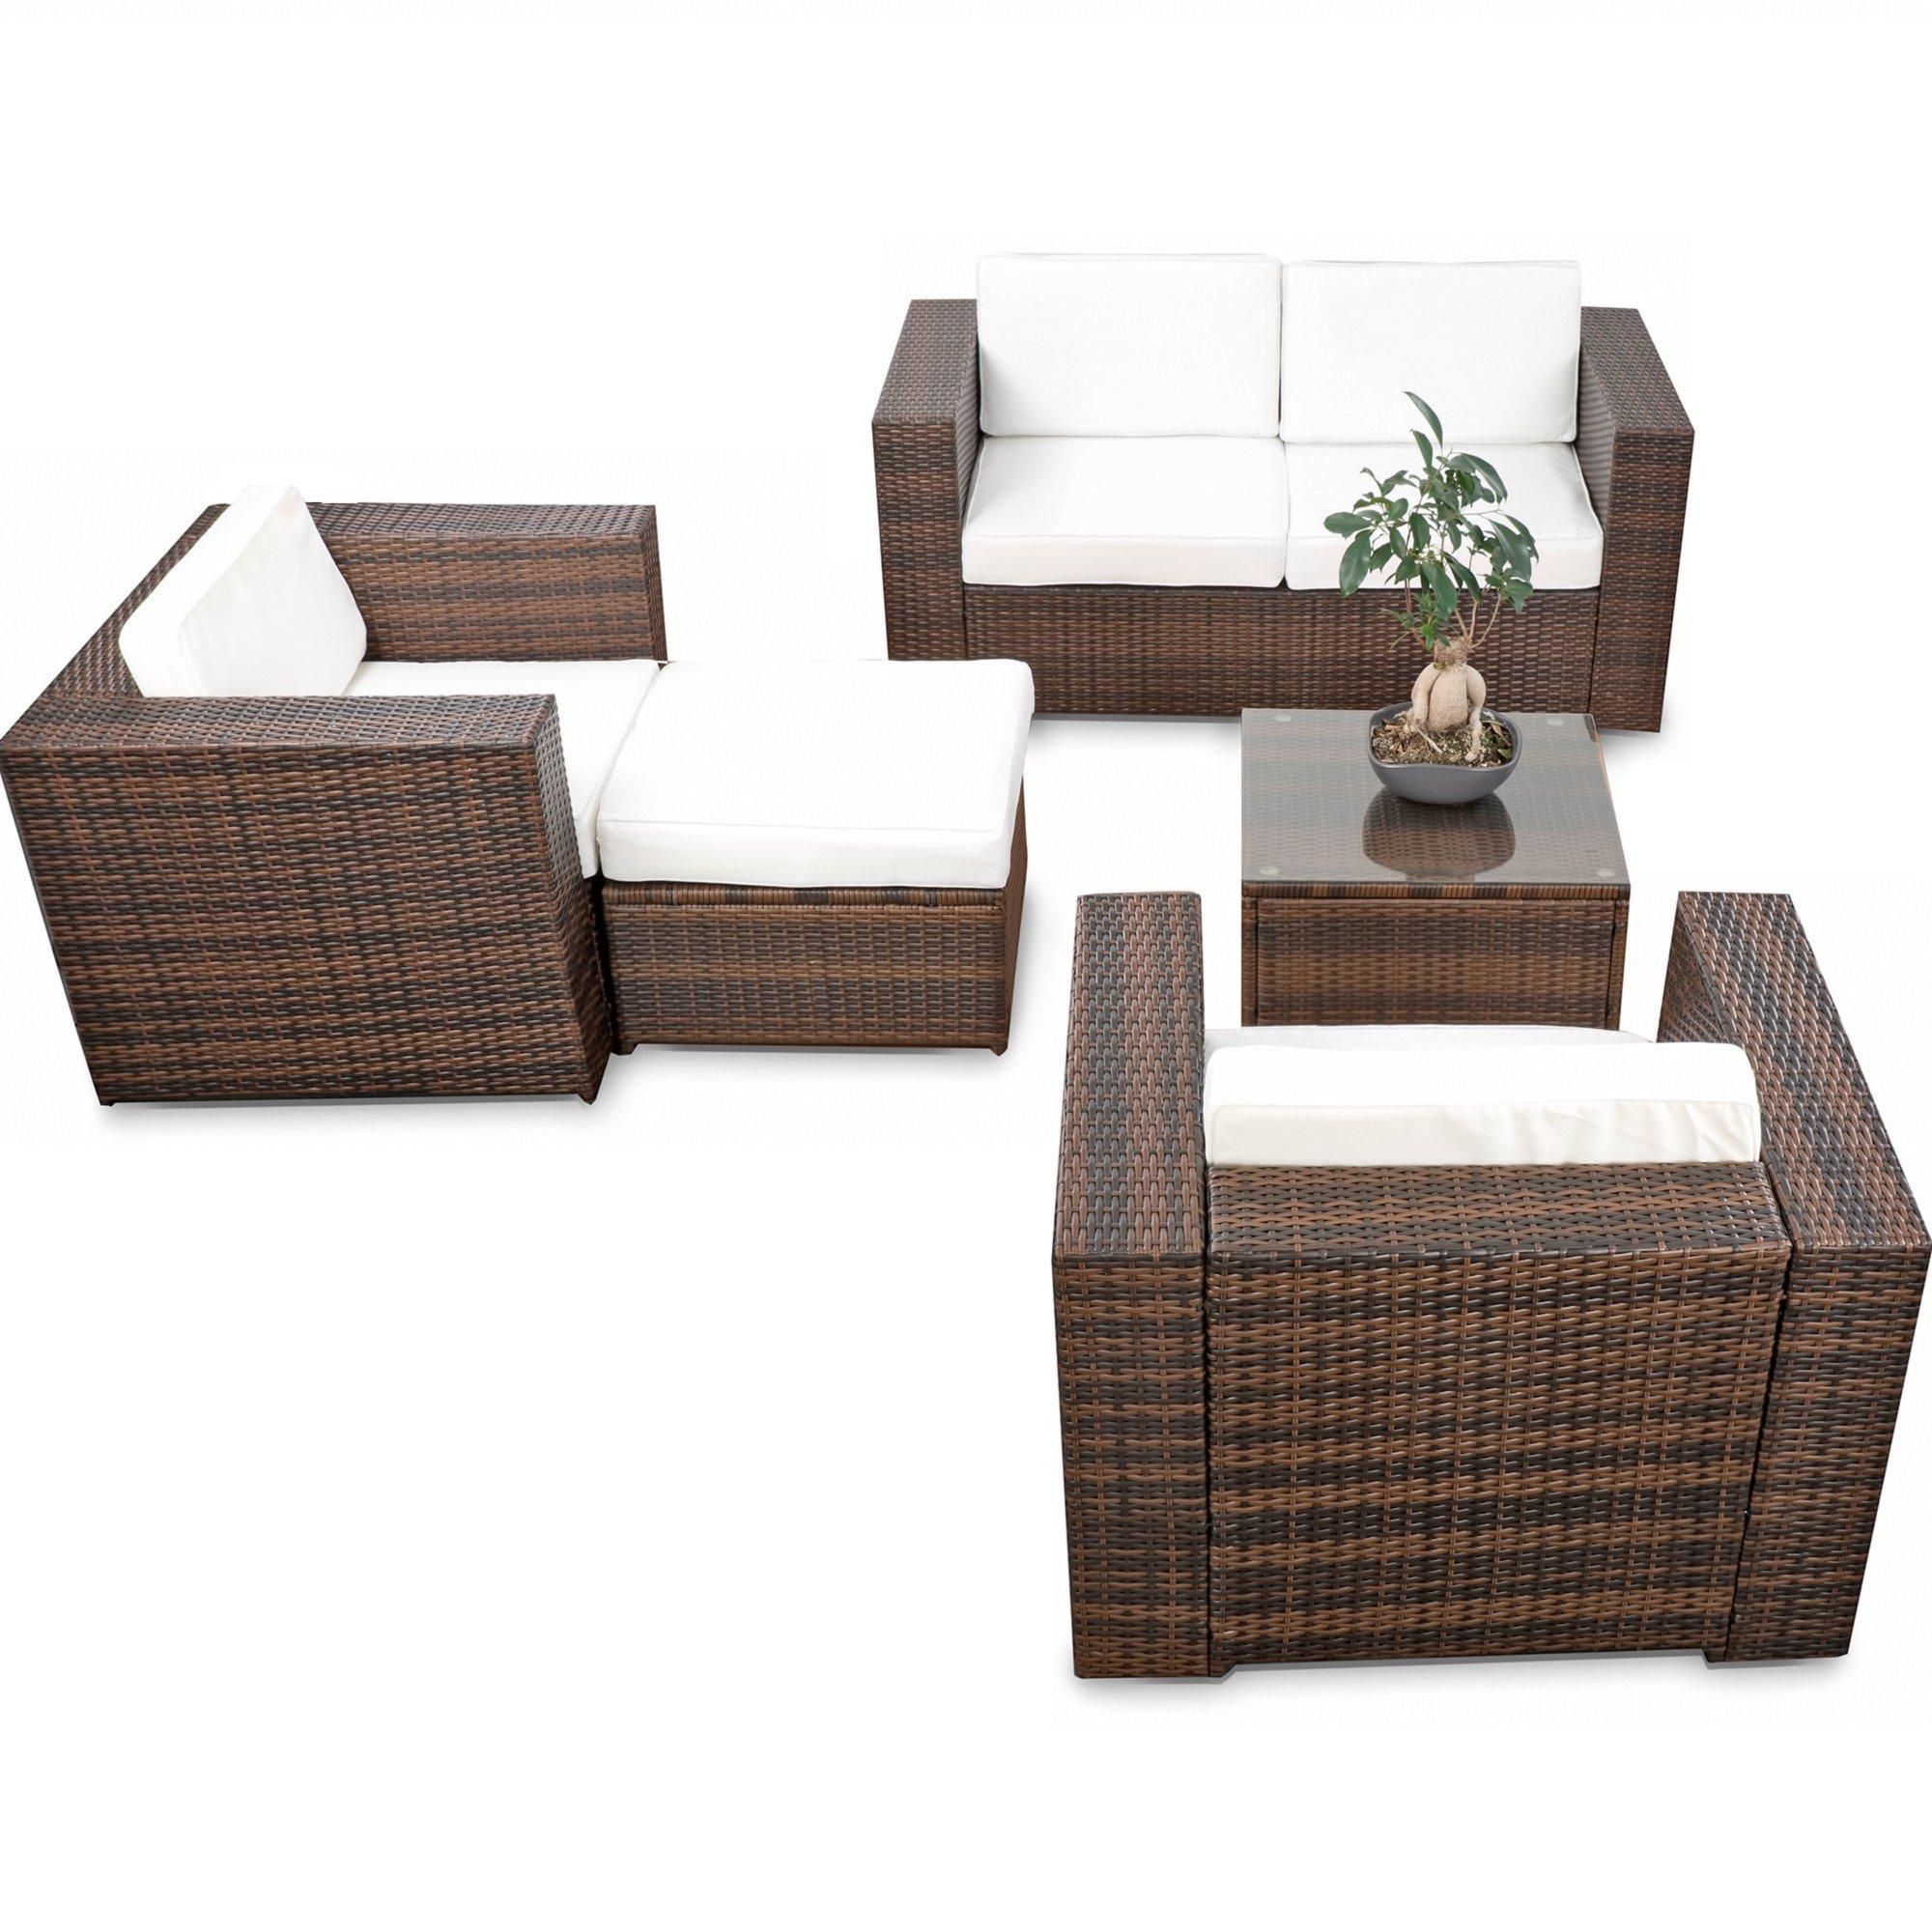 Full Size of Loungemöbel Balkon Loungembel Gnstig Lounge Kaufen Garten Günstig Holz Wohnzimmer Loungemöbel Balkon